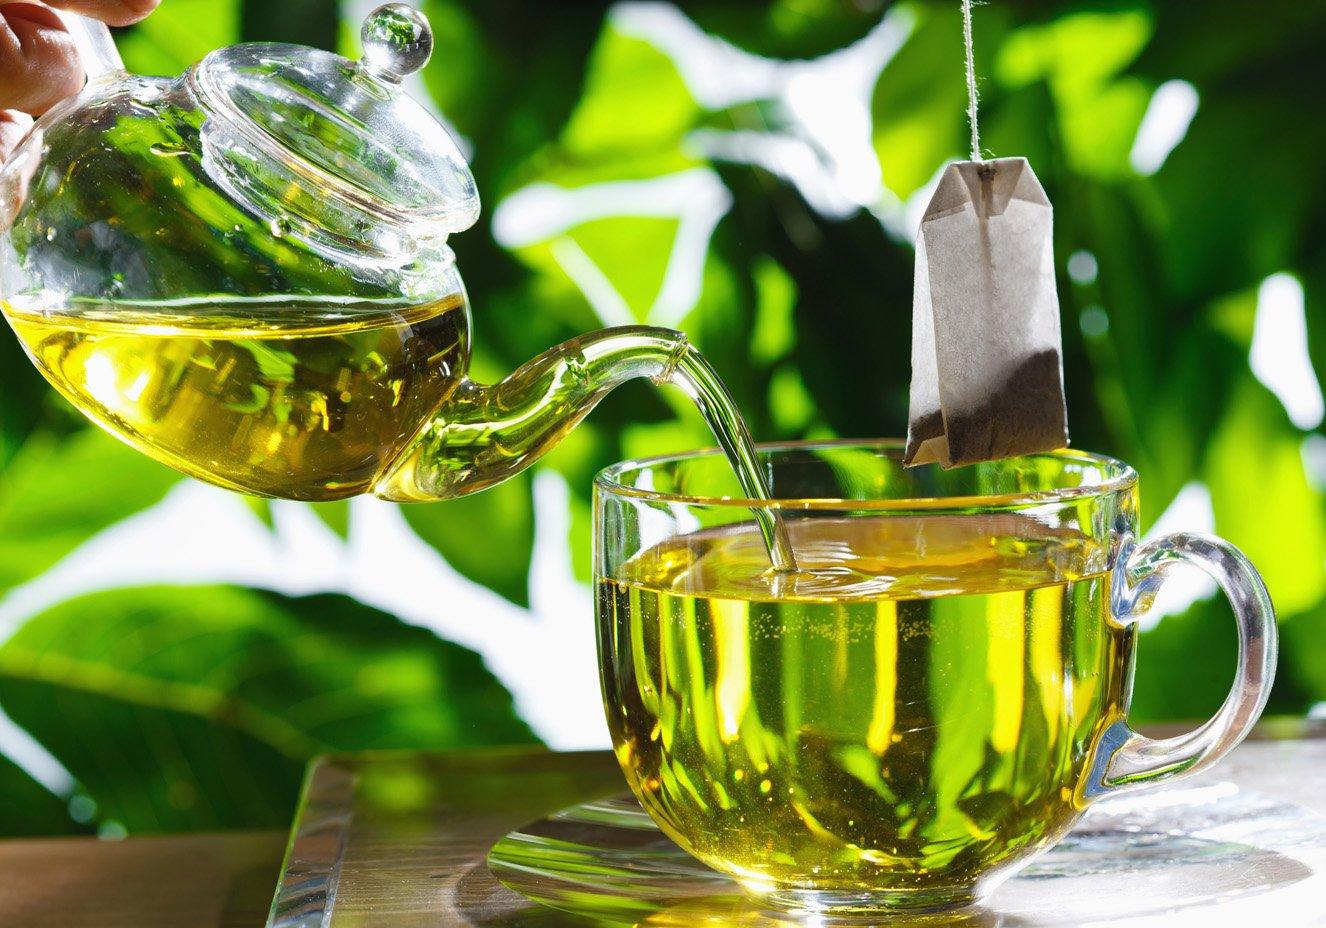 dieta cha verde.jpg?resize=1200,630 - Cure sua acne com chá verde e mel!